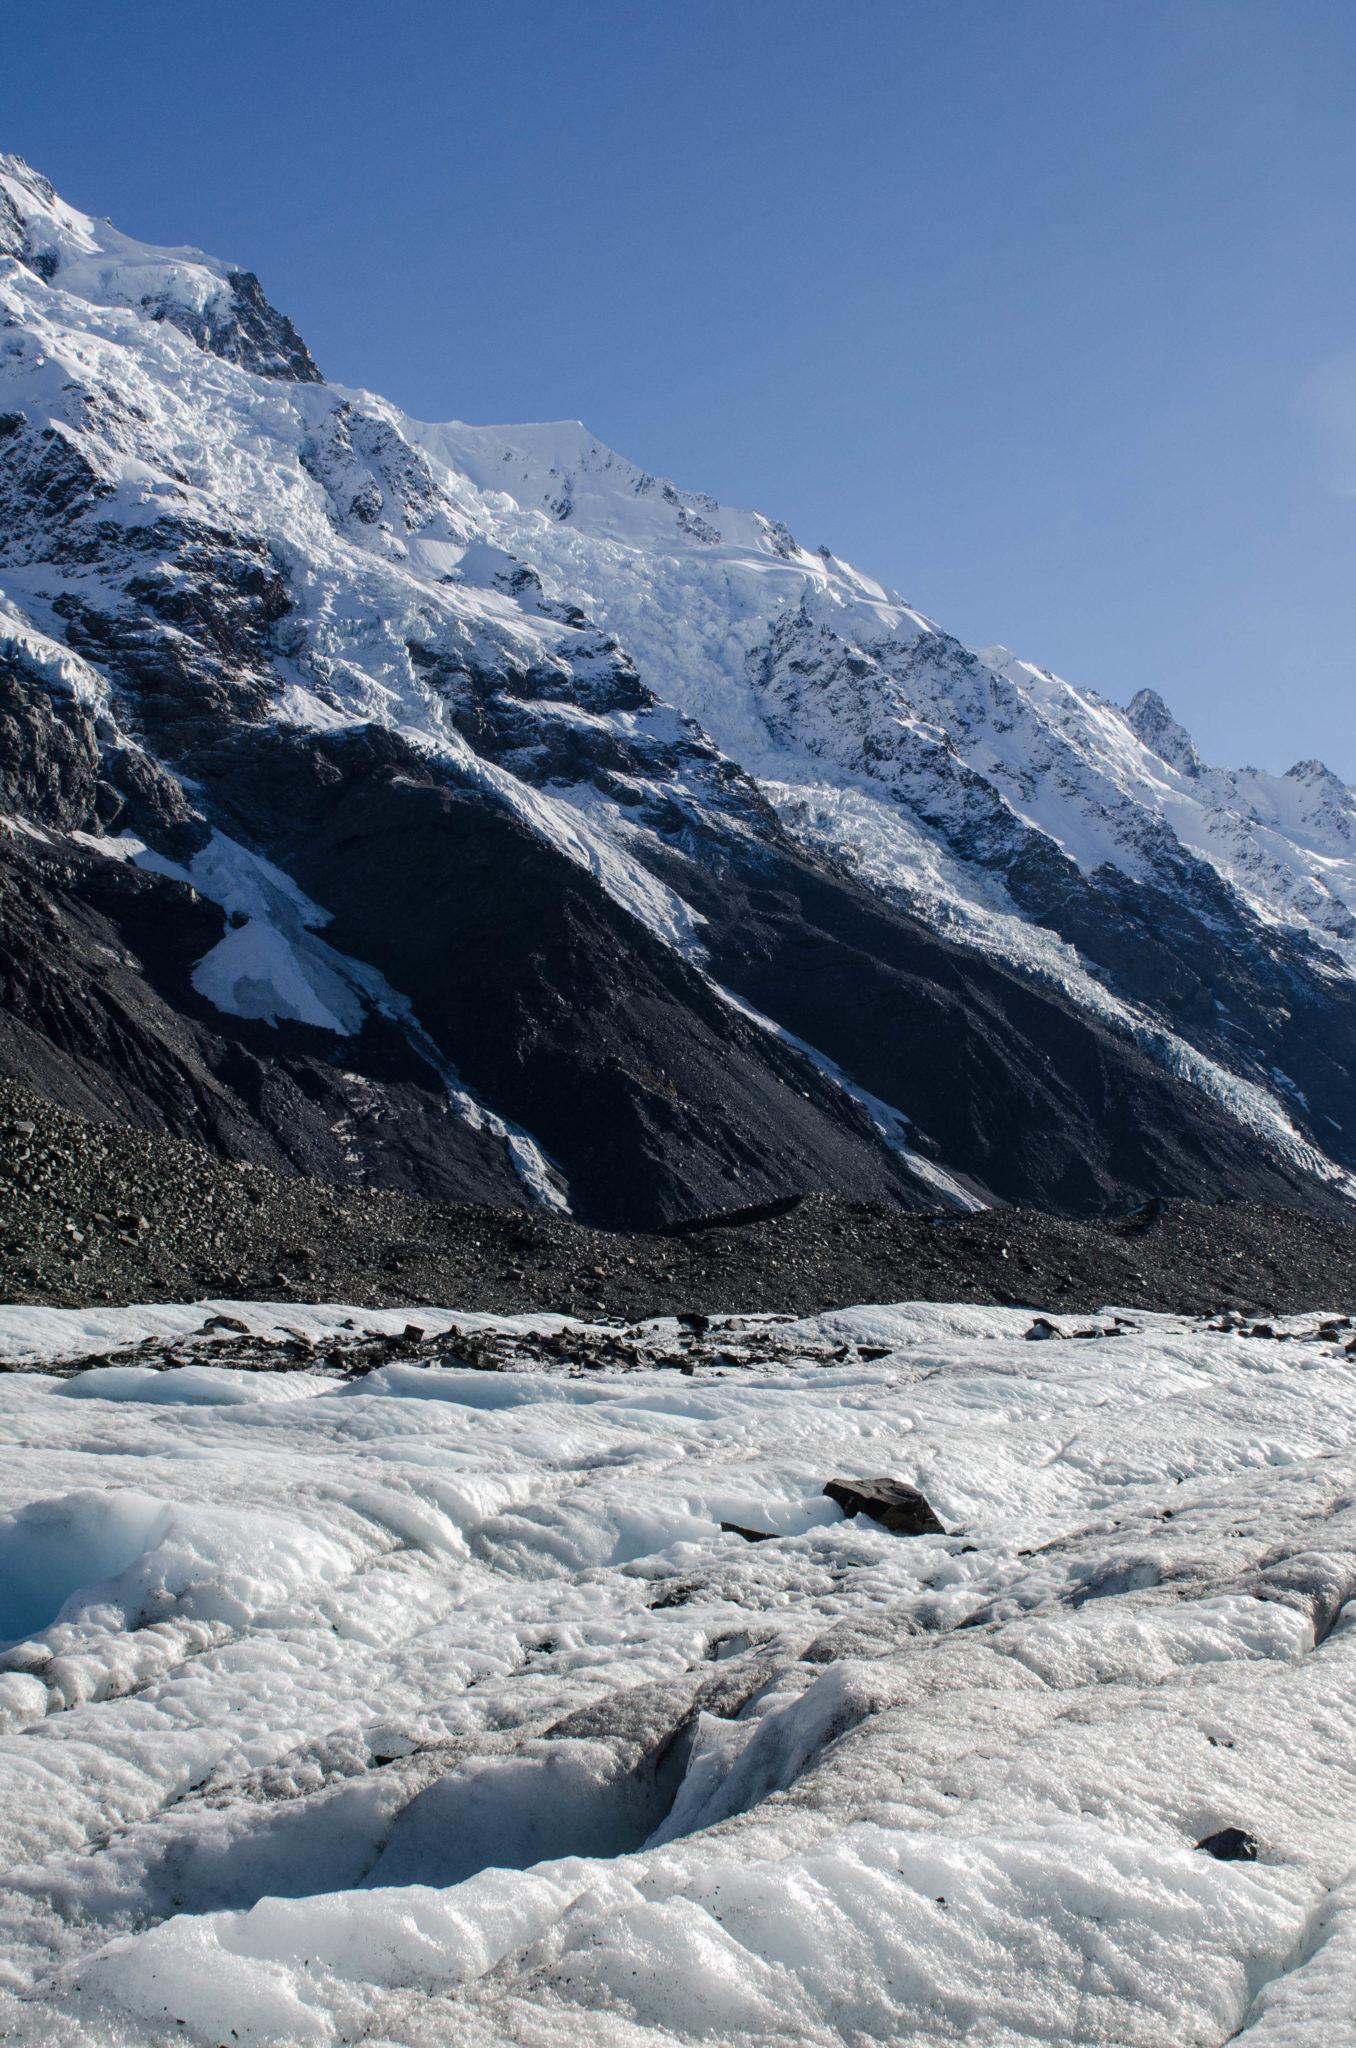 Mount Cook Neuseeland Gletscherwanderung: Der Tasman Gletscher liegt mitten auf dem Mount Cook